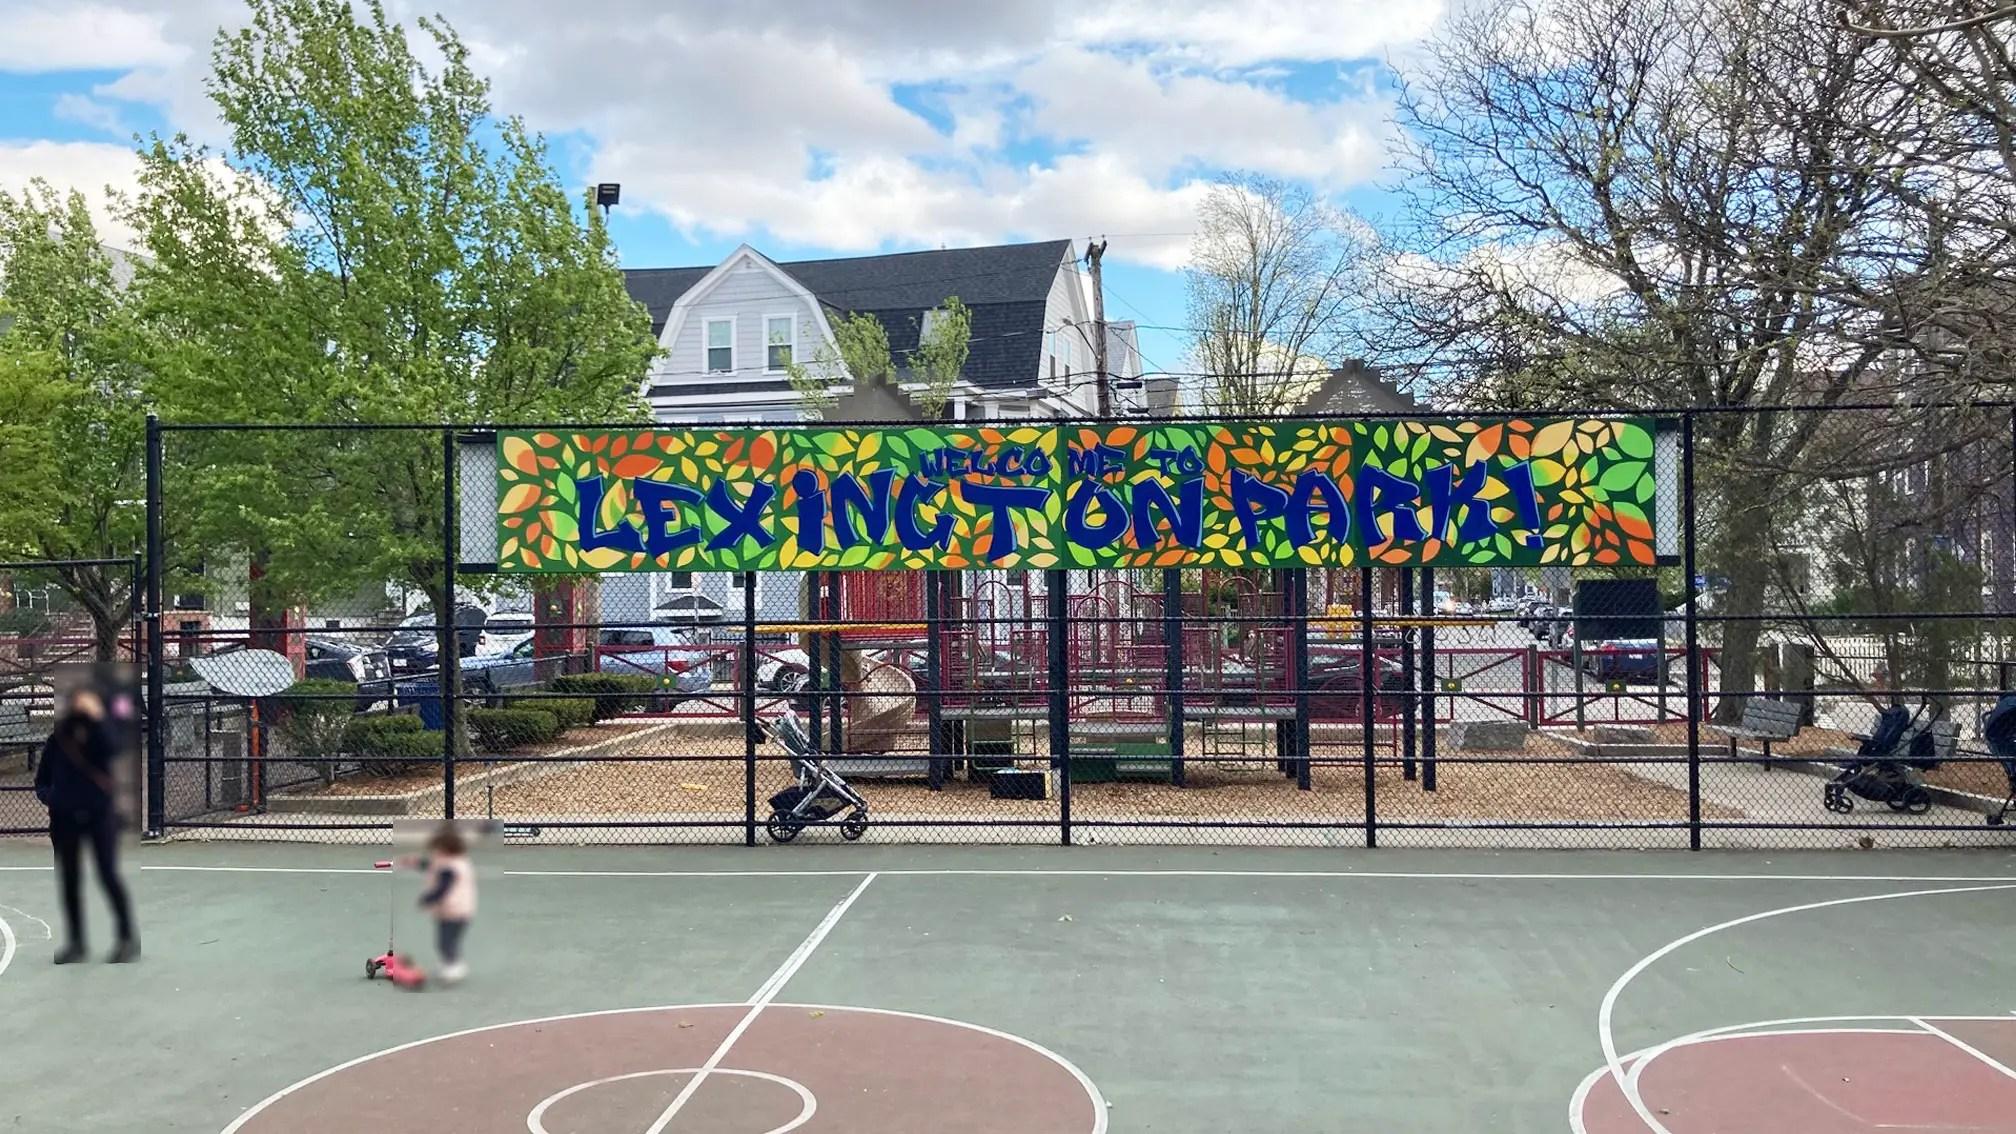 Lexington park somerville ma